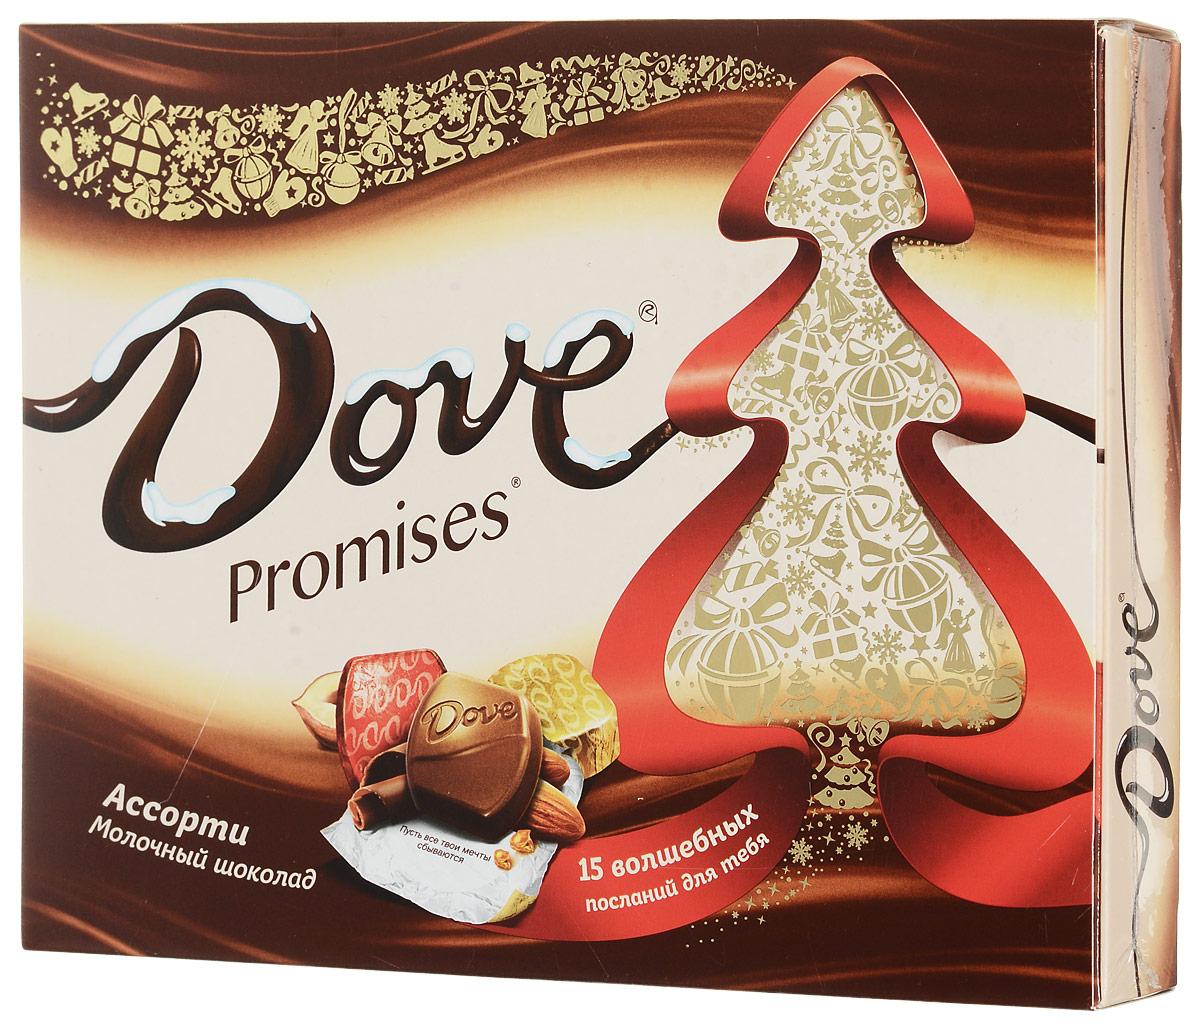 Dove Promises Ассорти молочный шоколад, 118 г0120710Шоколад Dove нежный, как шелк: такой же обволакивающий, роскошный, соблазнительный. Dove изготовлен только из высококачественных, натуральных ингредиентов. Окунитесь в шелковое удовольствие!Уважаемые клиенты! Обращаем ваше внимание, что полный перечень состава продукта представлен на дополнительном изображении.Упаковка может иметь несколько видов дизайна. Поставка осуществляется в зависимости от наличия на складе.